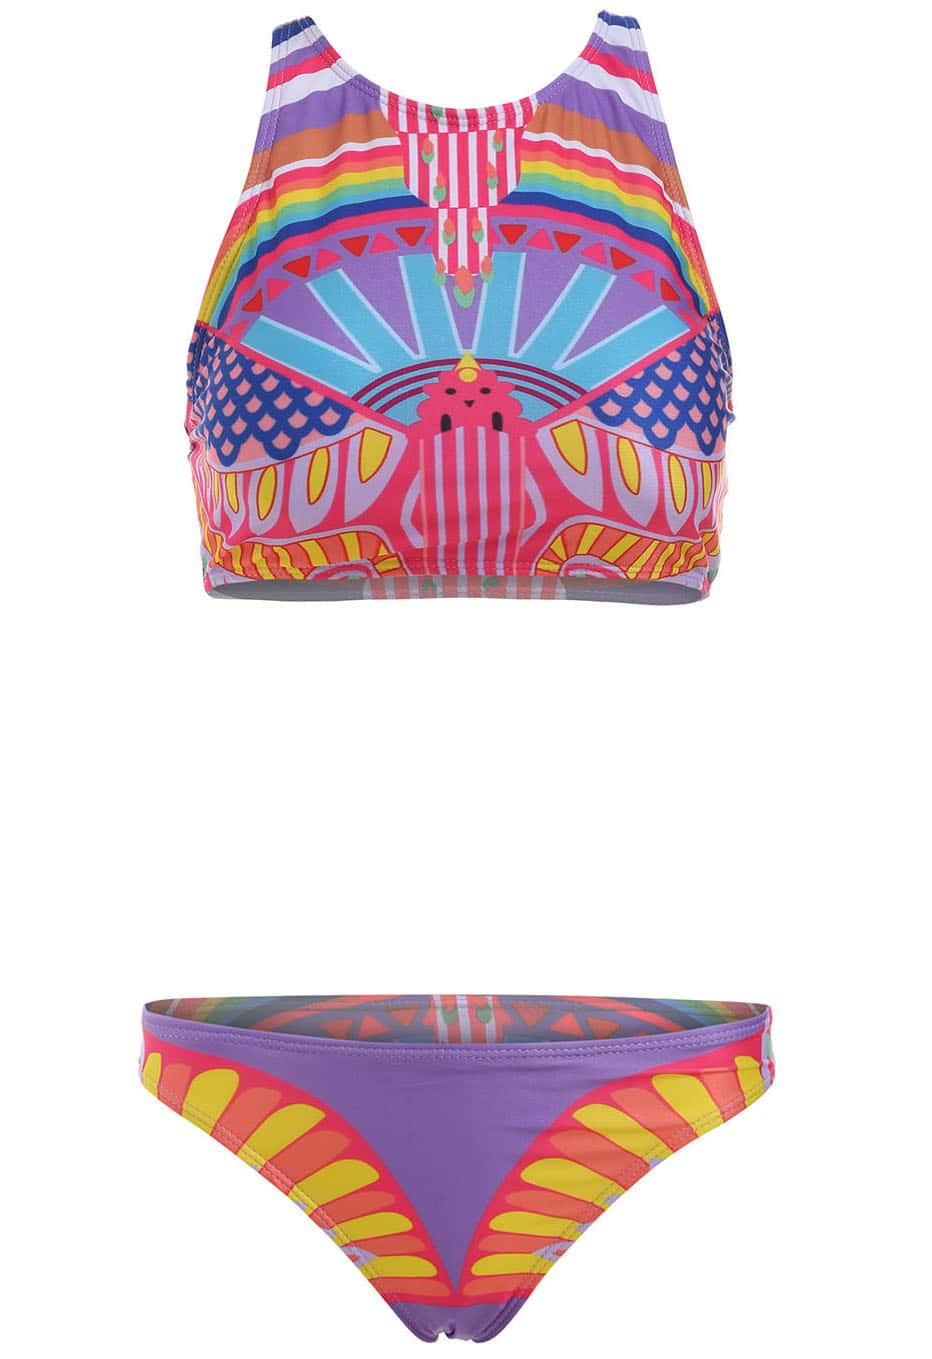 Striped Crop Top With Bikini Swimwear